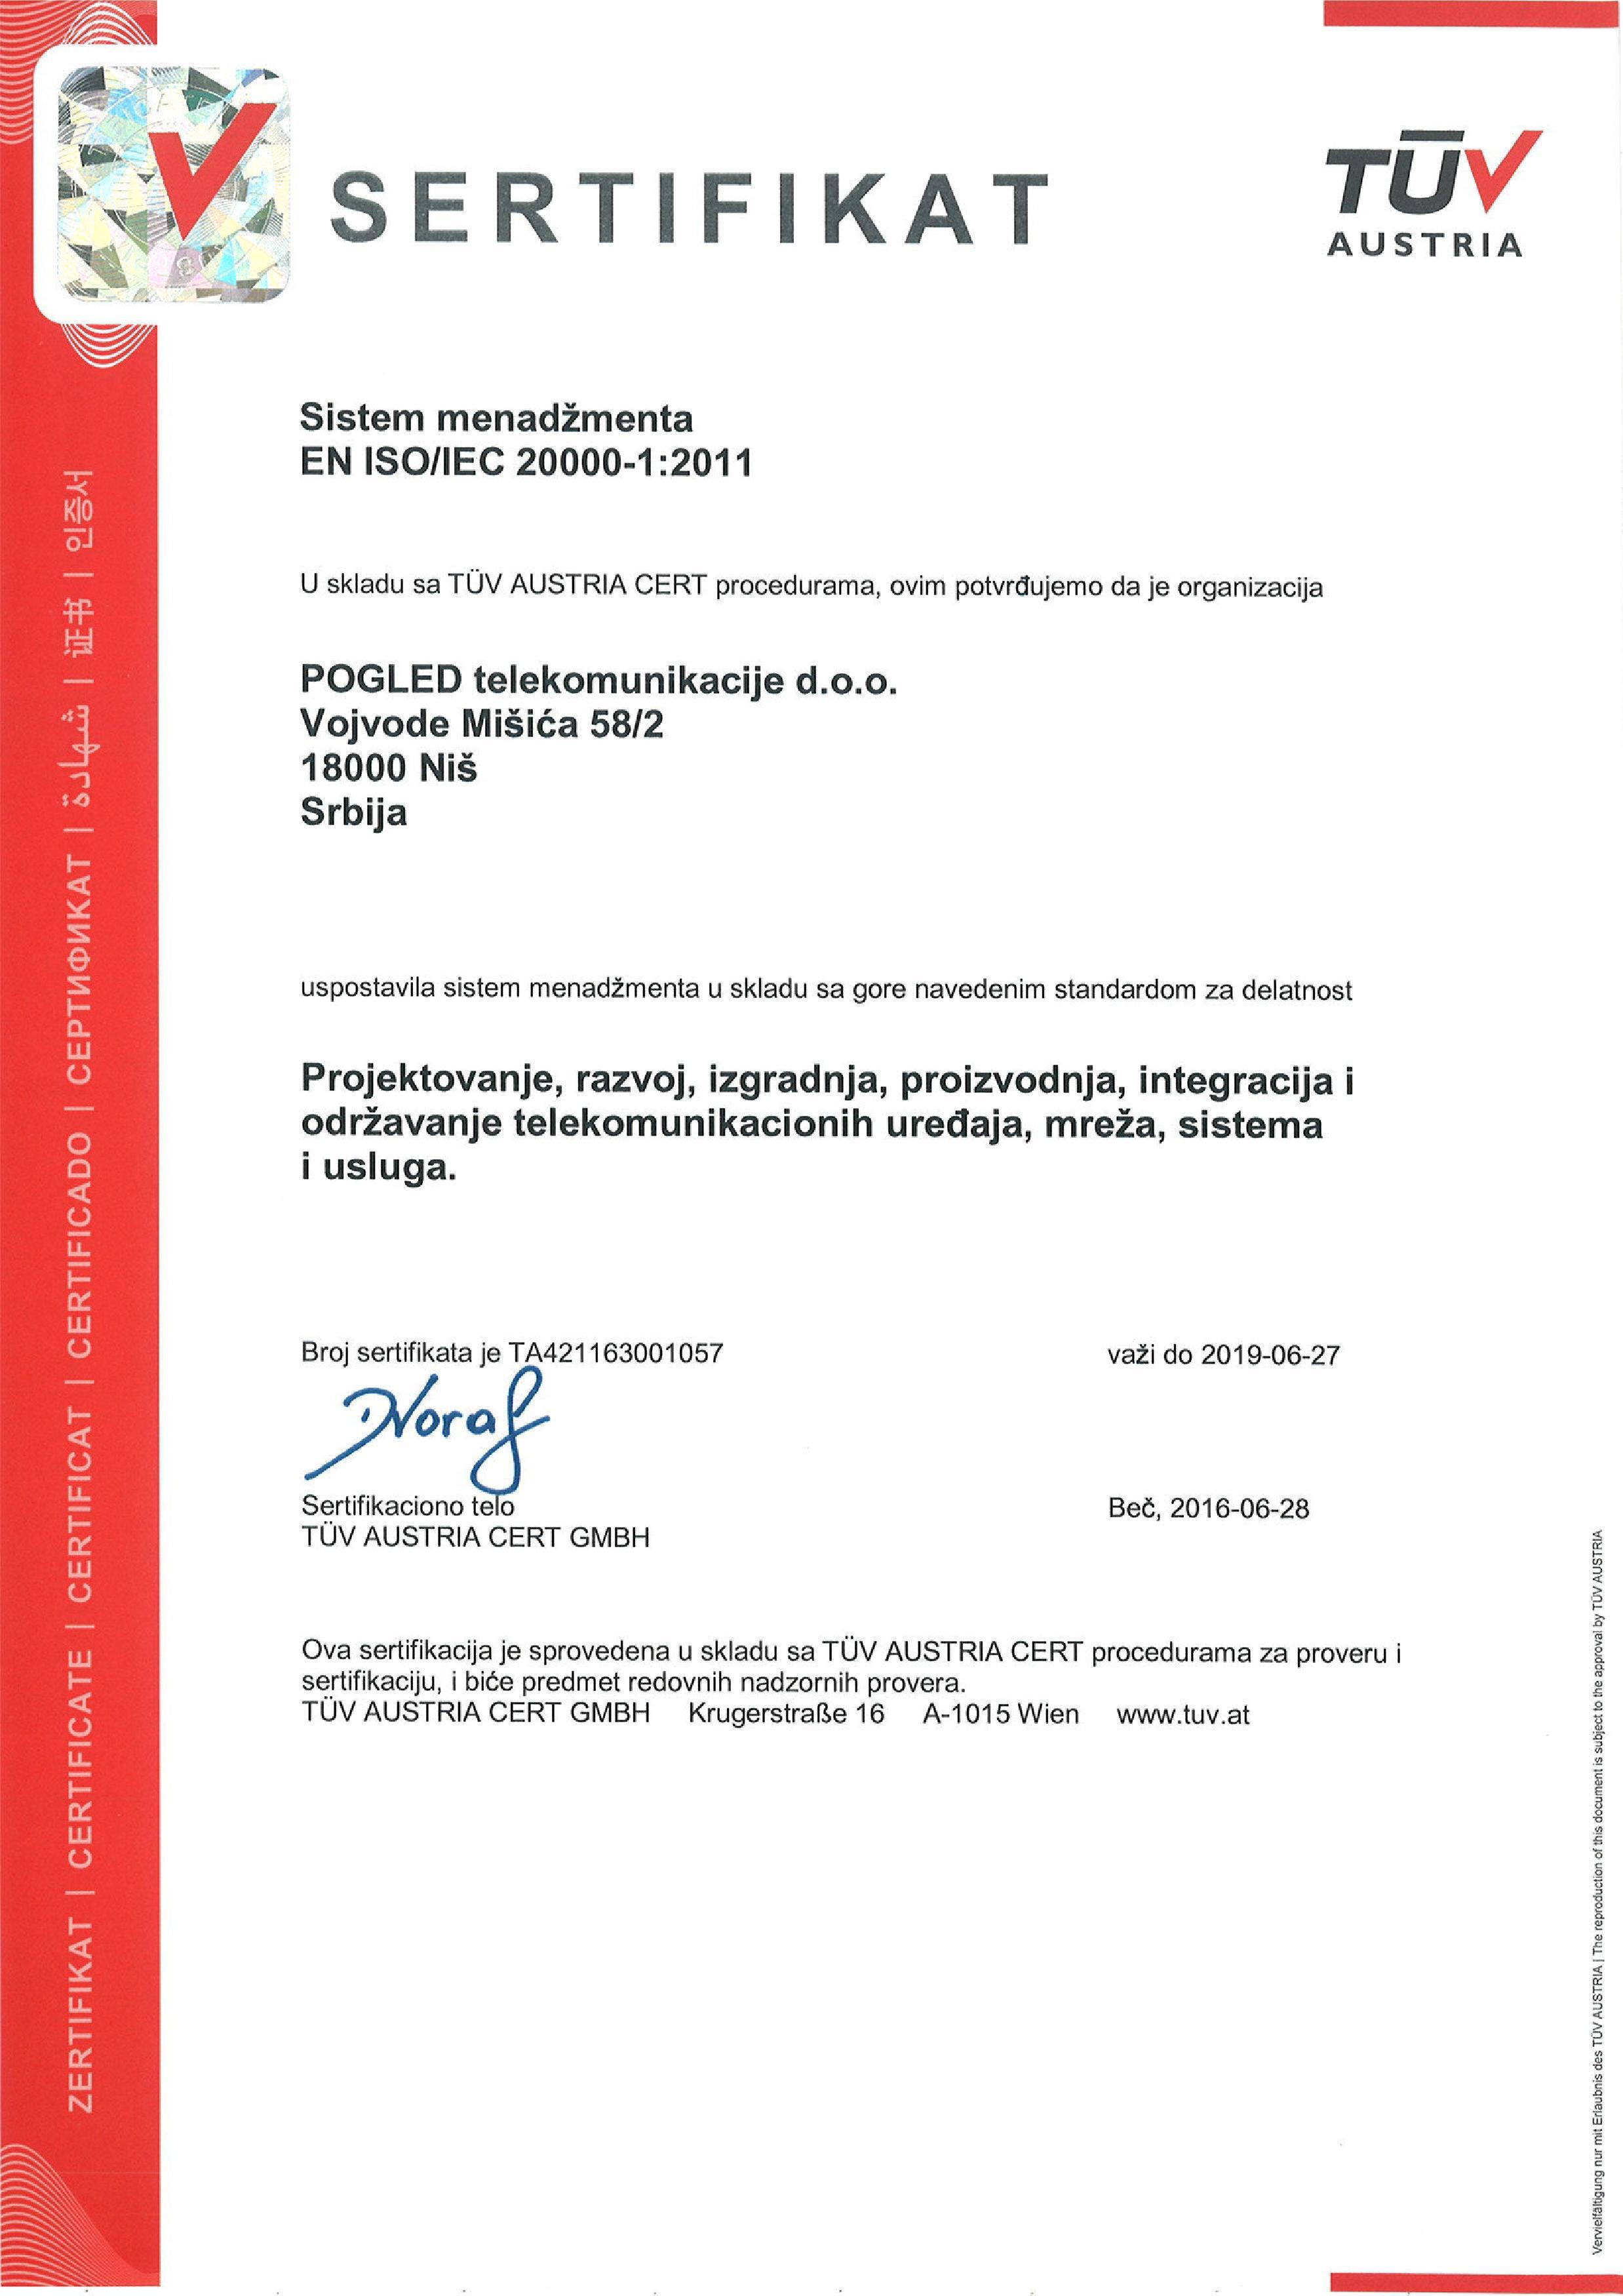 pogled_z_serb_20000_16